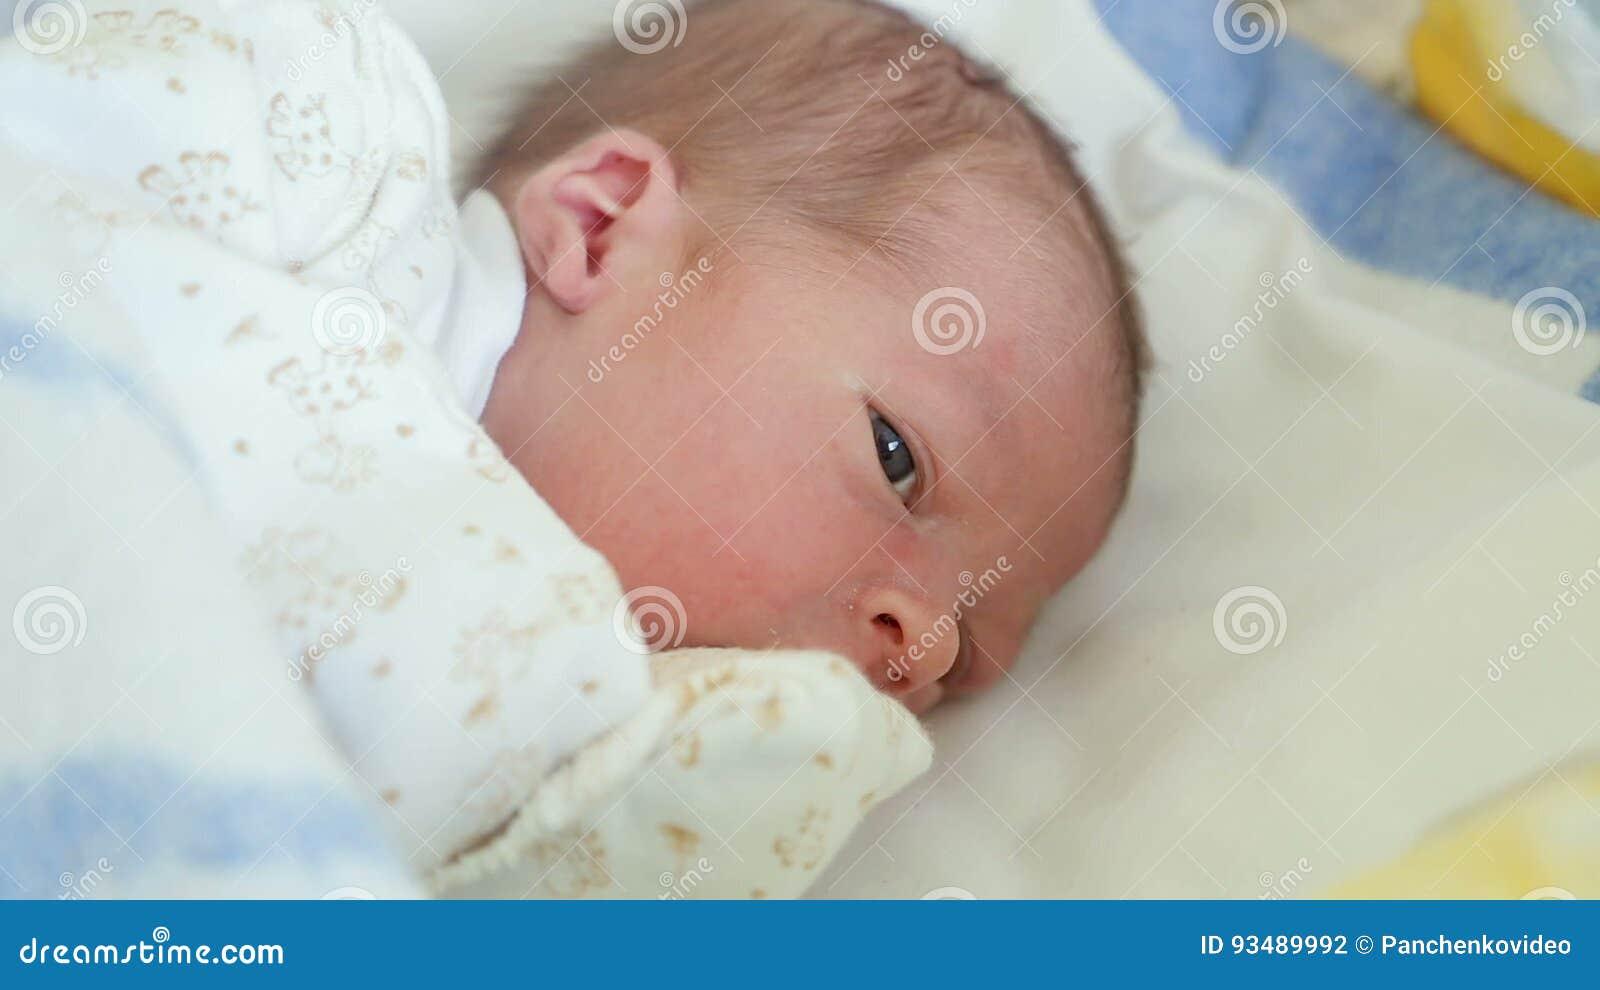 los ojos de bebes recien nacidos